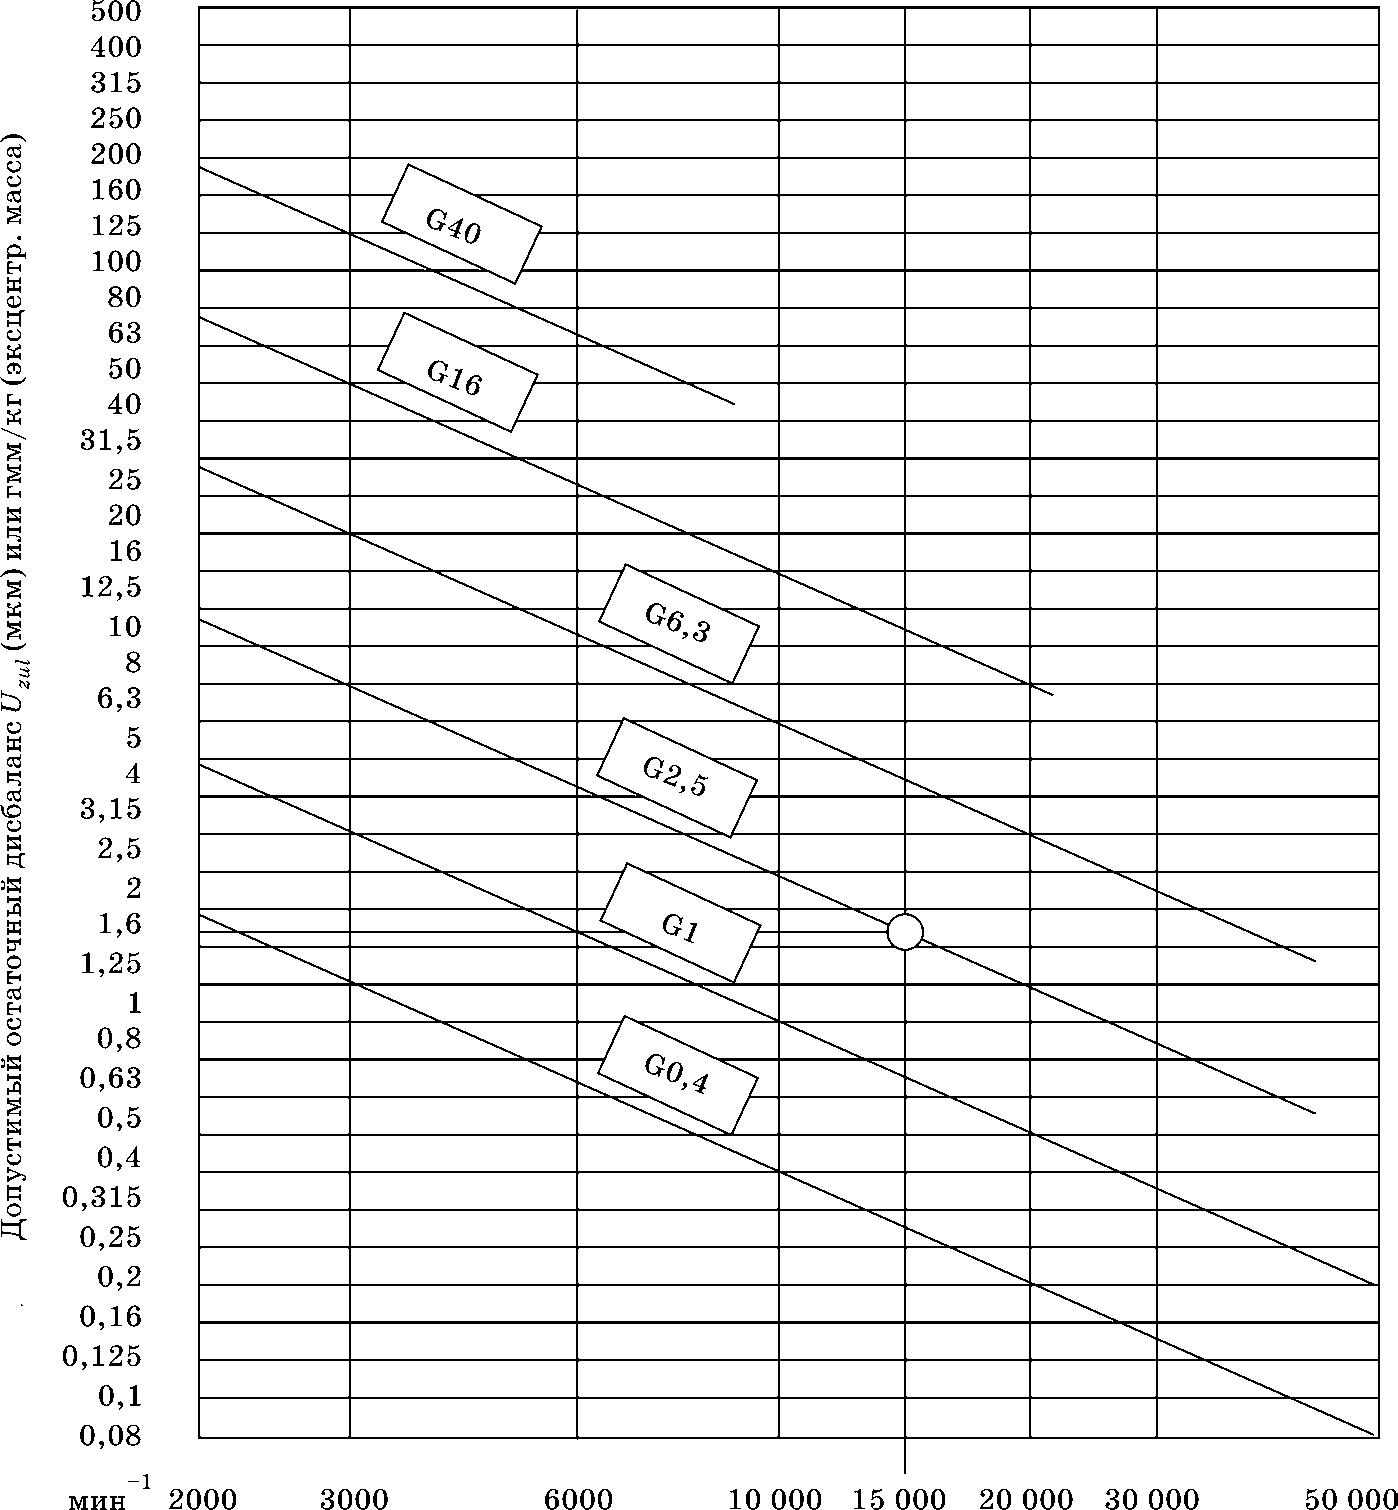 Допустимая частота вращения шпинделя в зависимости от класса дисбаланса